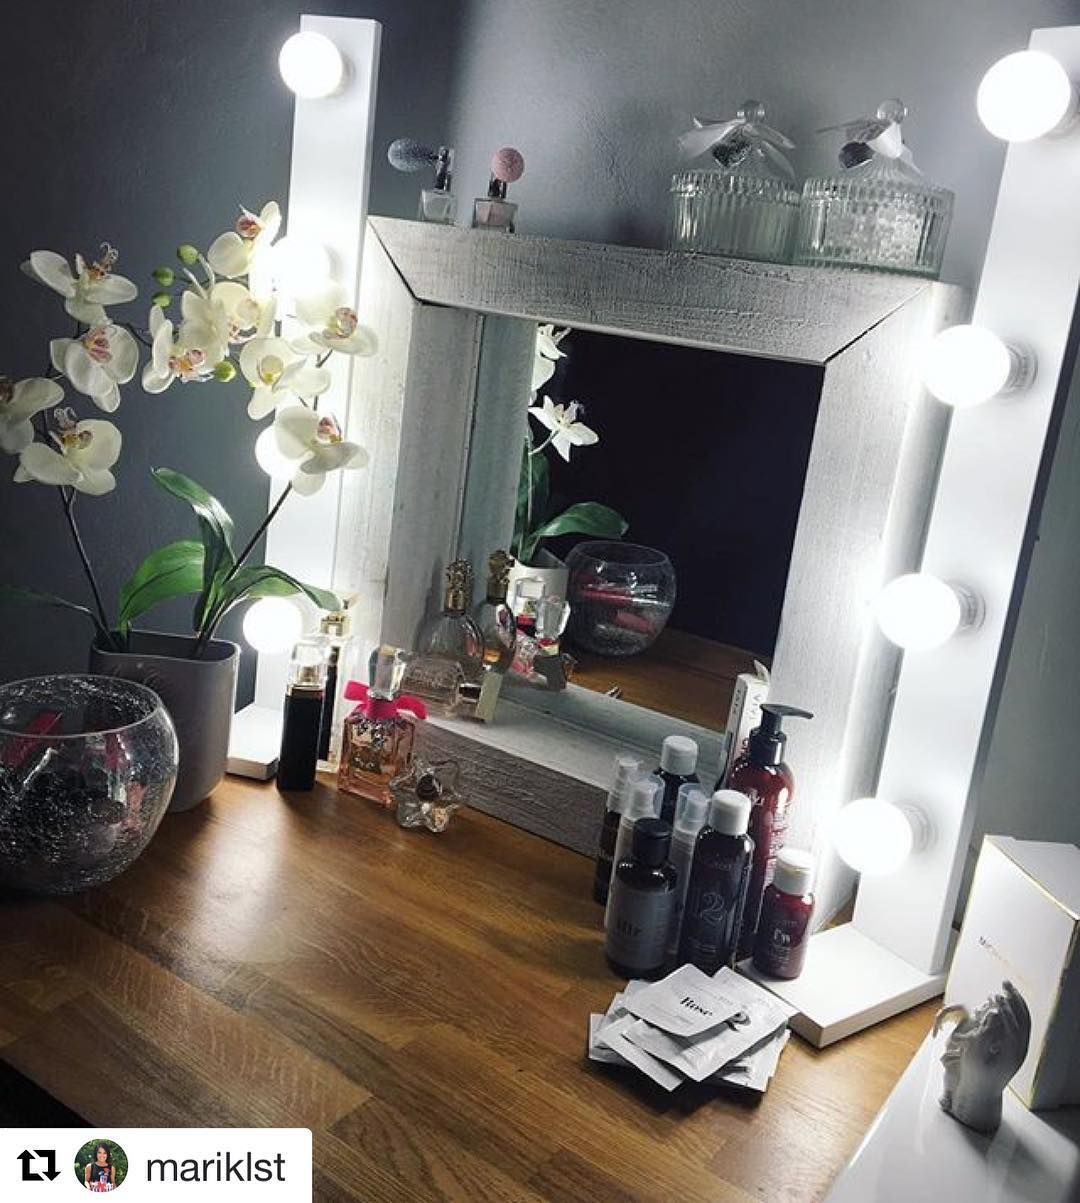 Unsere Fortschrittlichsten Lampen Das Beste Kosmetik Licht Wie Im Schonheitssalon Theater Spiegel Beleuchtet Hollywood Mirror Top Beauty Products Light Makeup